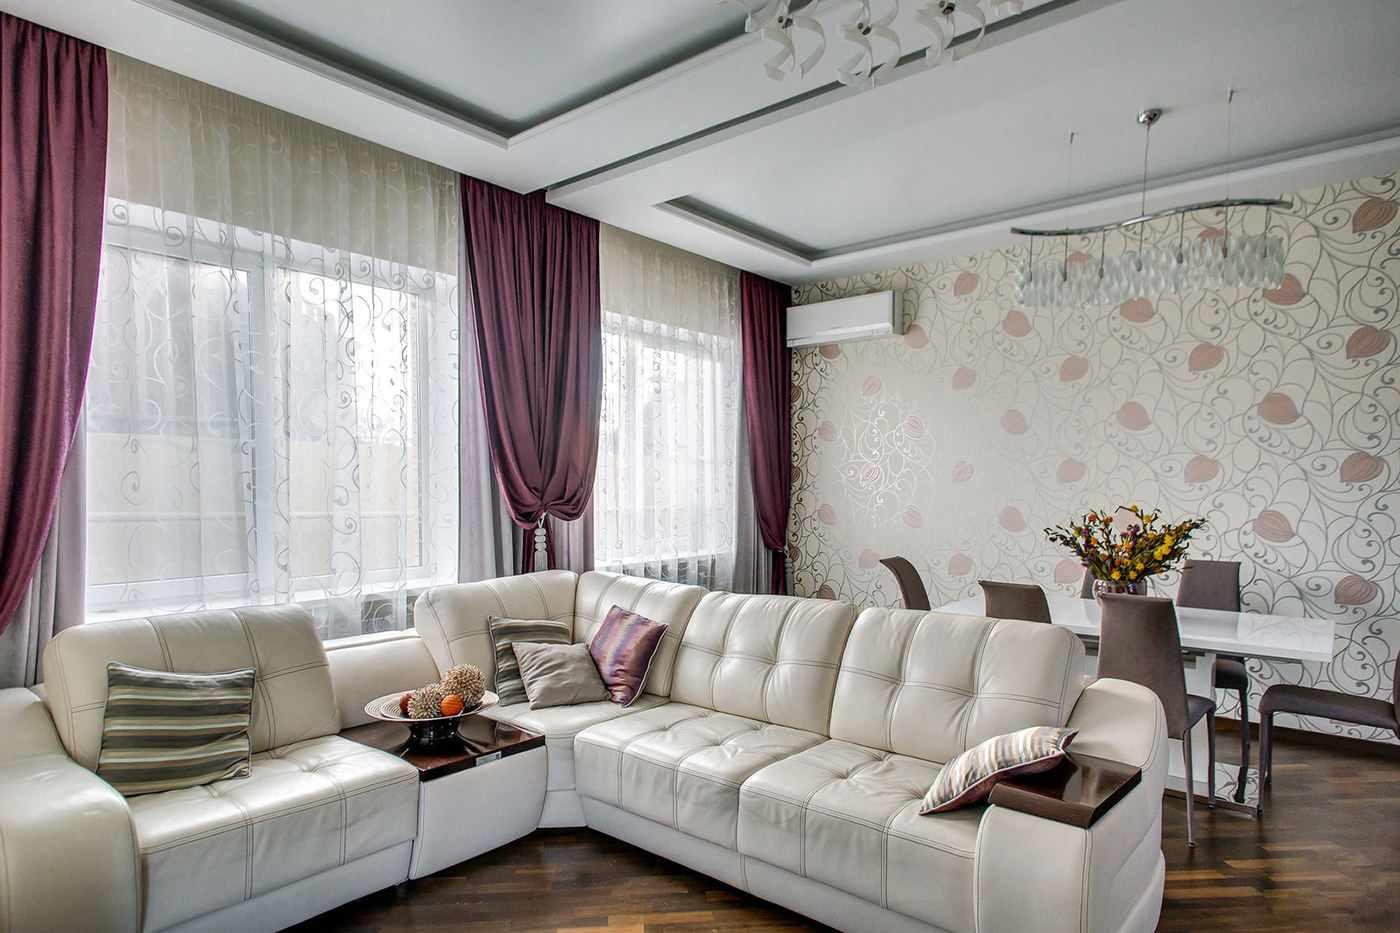 ý tưởng về một phong cách đẹp của giấy dán tường cho phòng khách